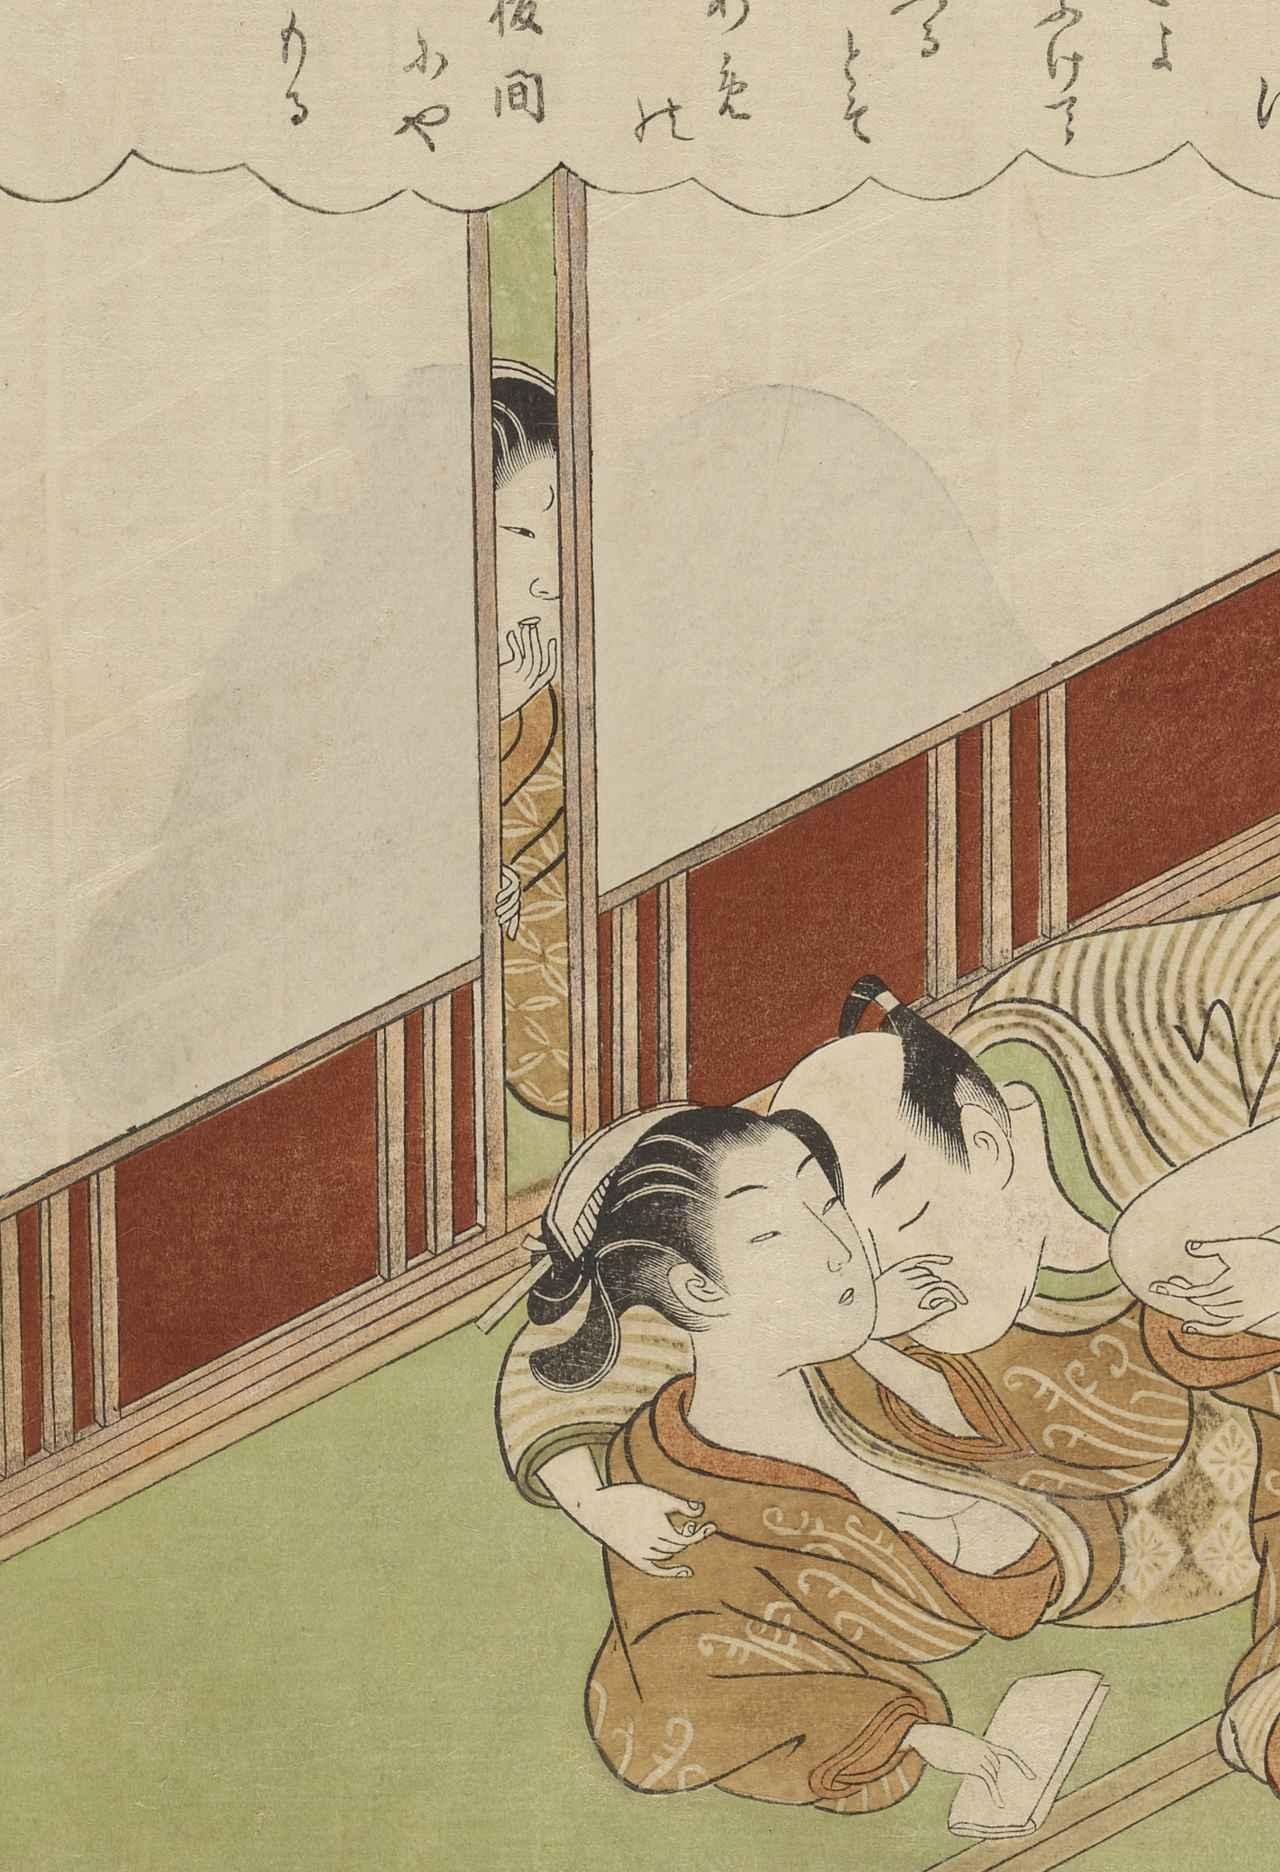 画像: 鈴木春信 「風流座敷八景」(部分) 国際日本文化研究センター蔵 《1期》《2期》